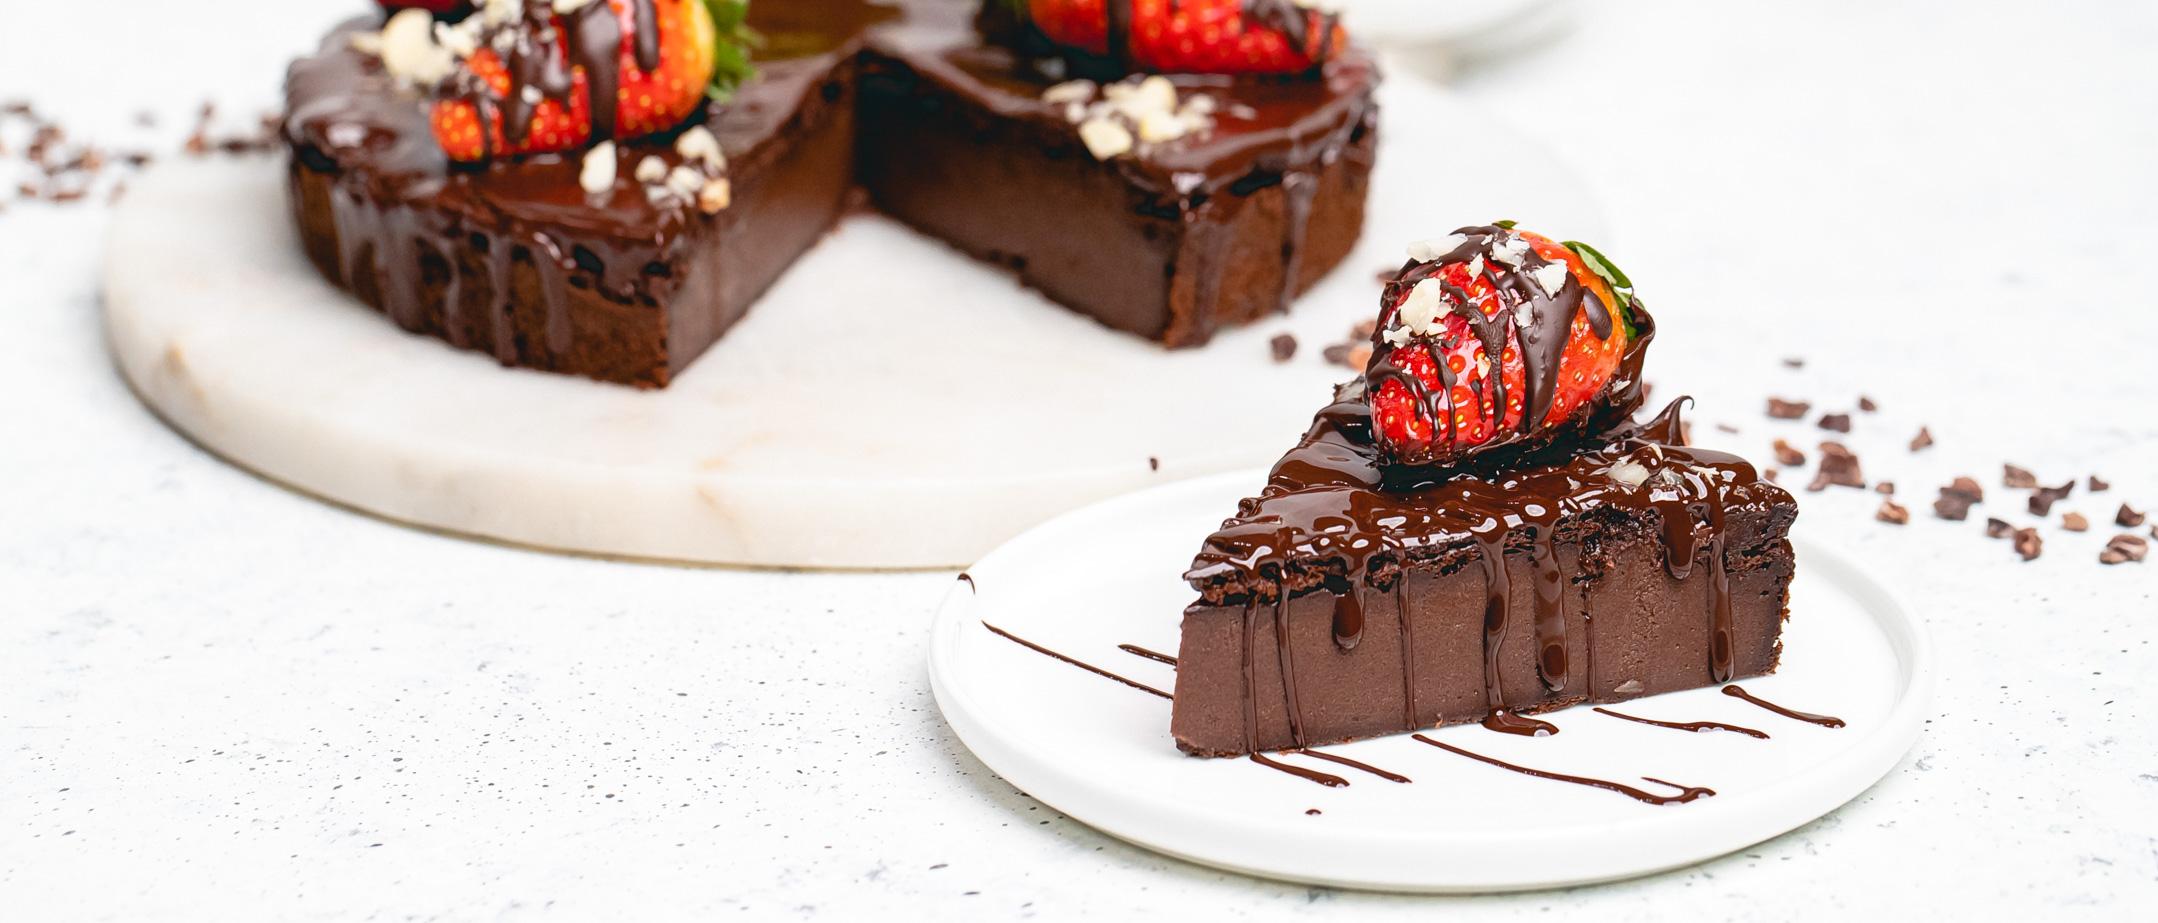 Prosty sernik czekoladowy - Galbani – od ponad 130 lat dostarczamy najlepsze włoskie smaki na talerze całego świata